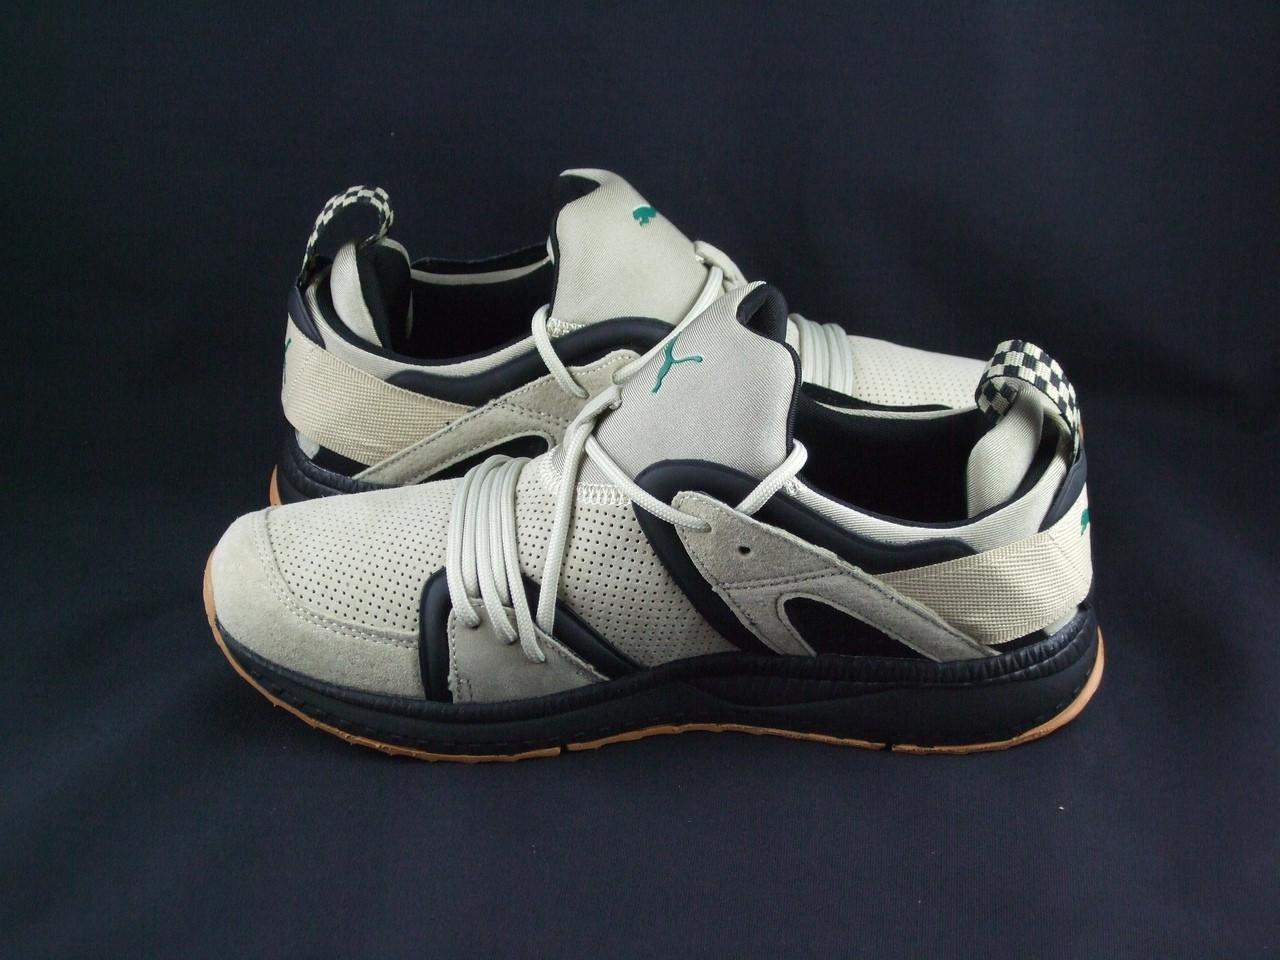 Кроссовки демисезонные Puma Tsugi Blaze